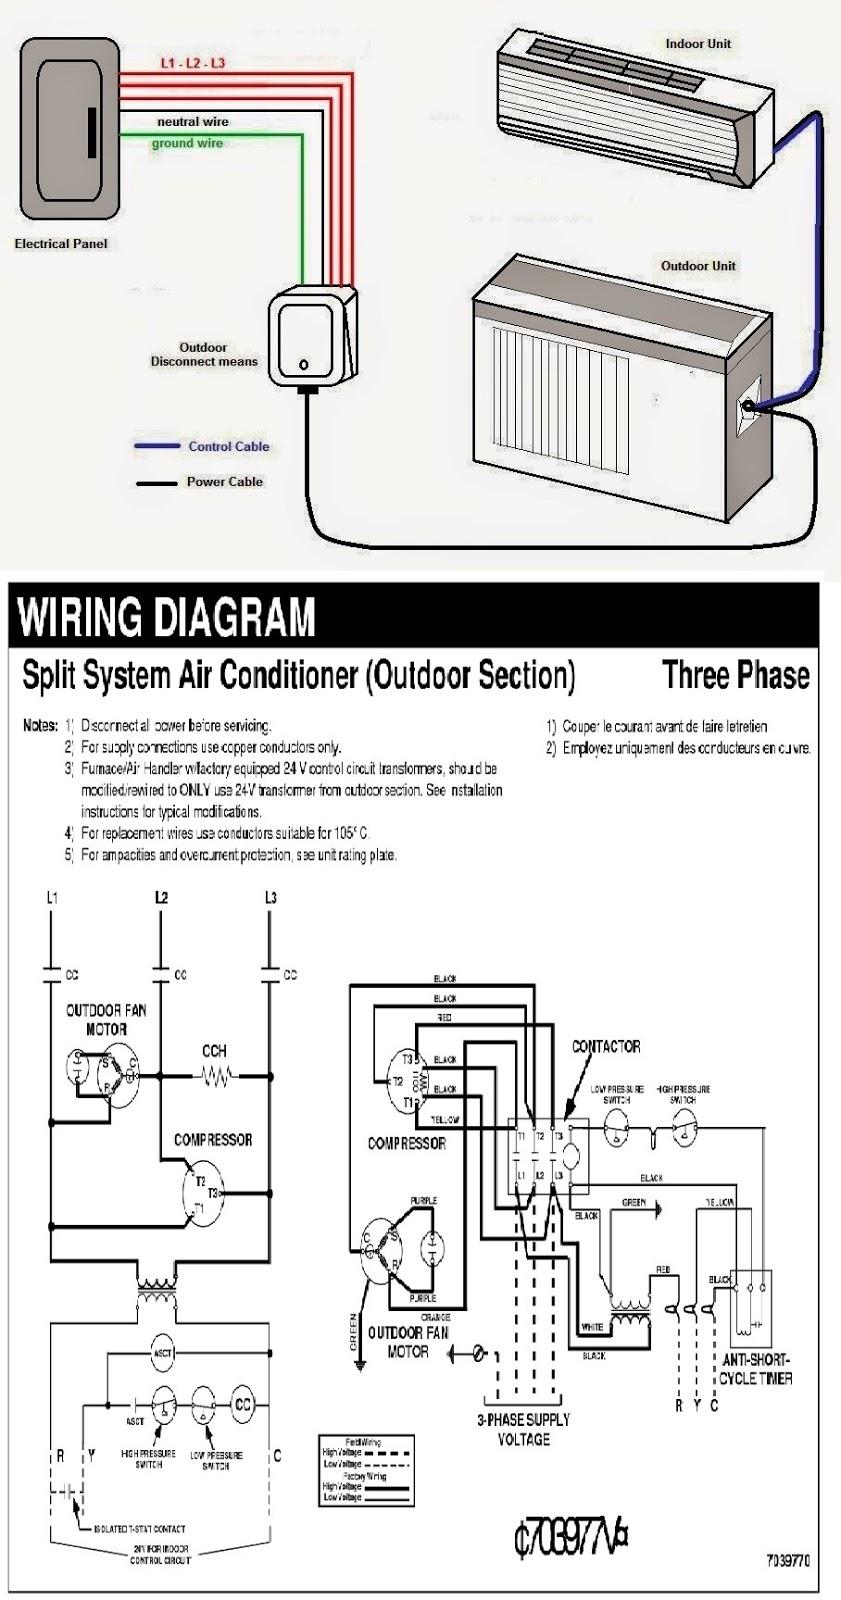 understanding wiring diagrams hvac